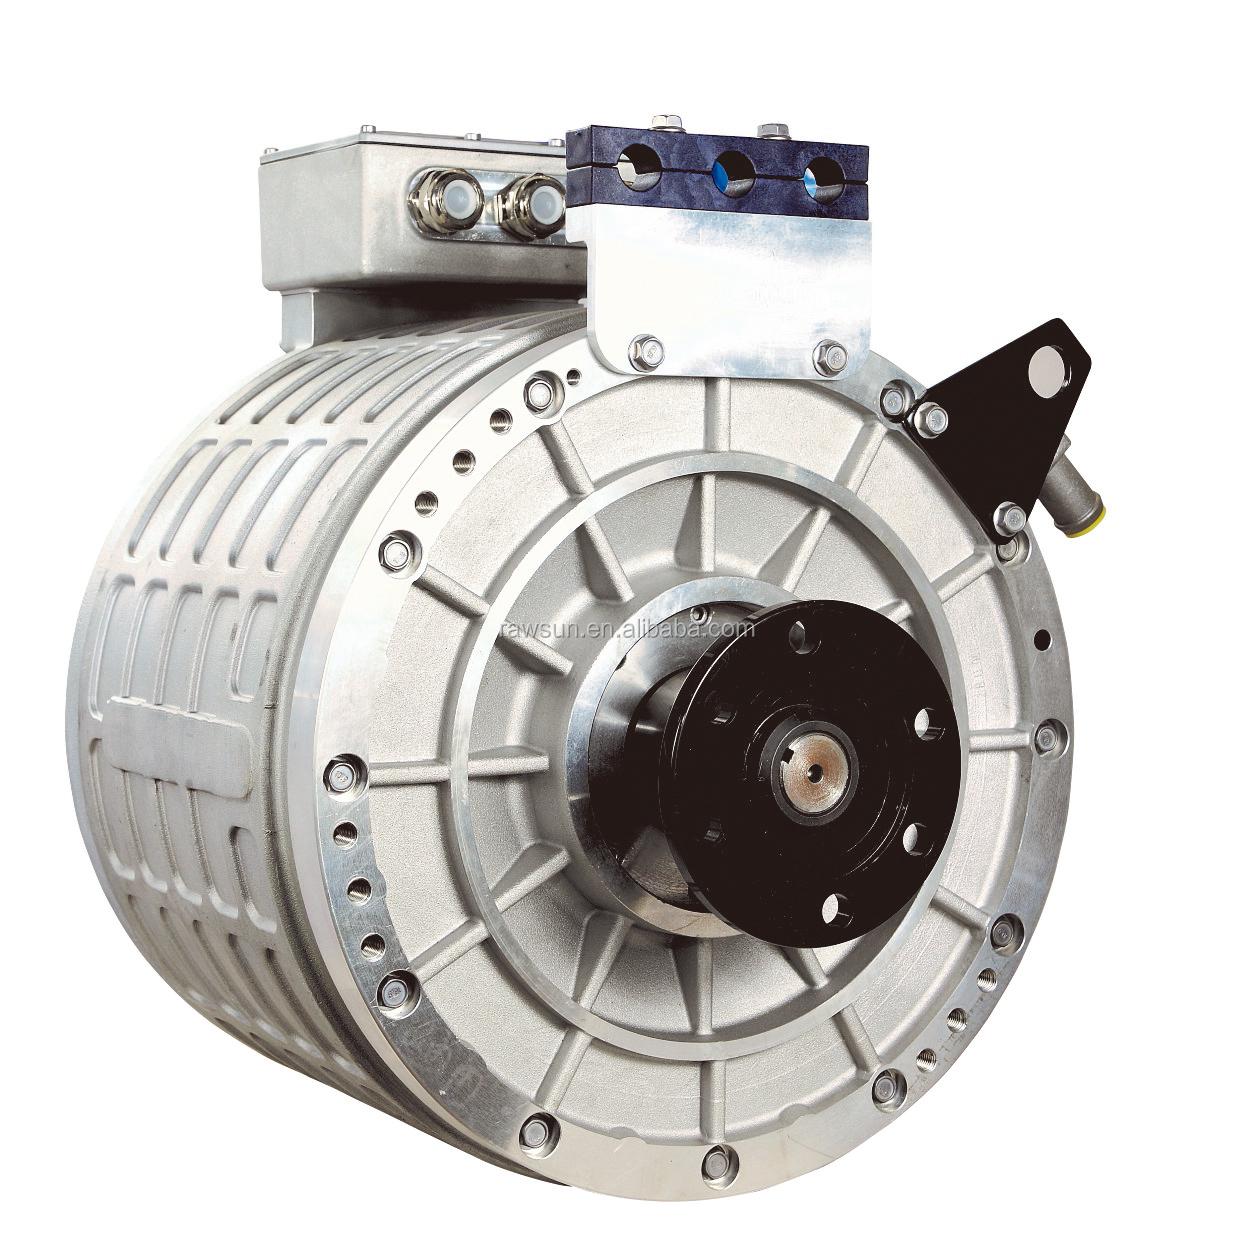 150KW PMSM moteur kit de conversion de moteur à courant alternatif pour véhicule électrique RSTM420